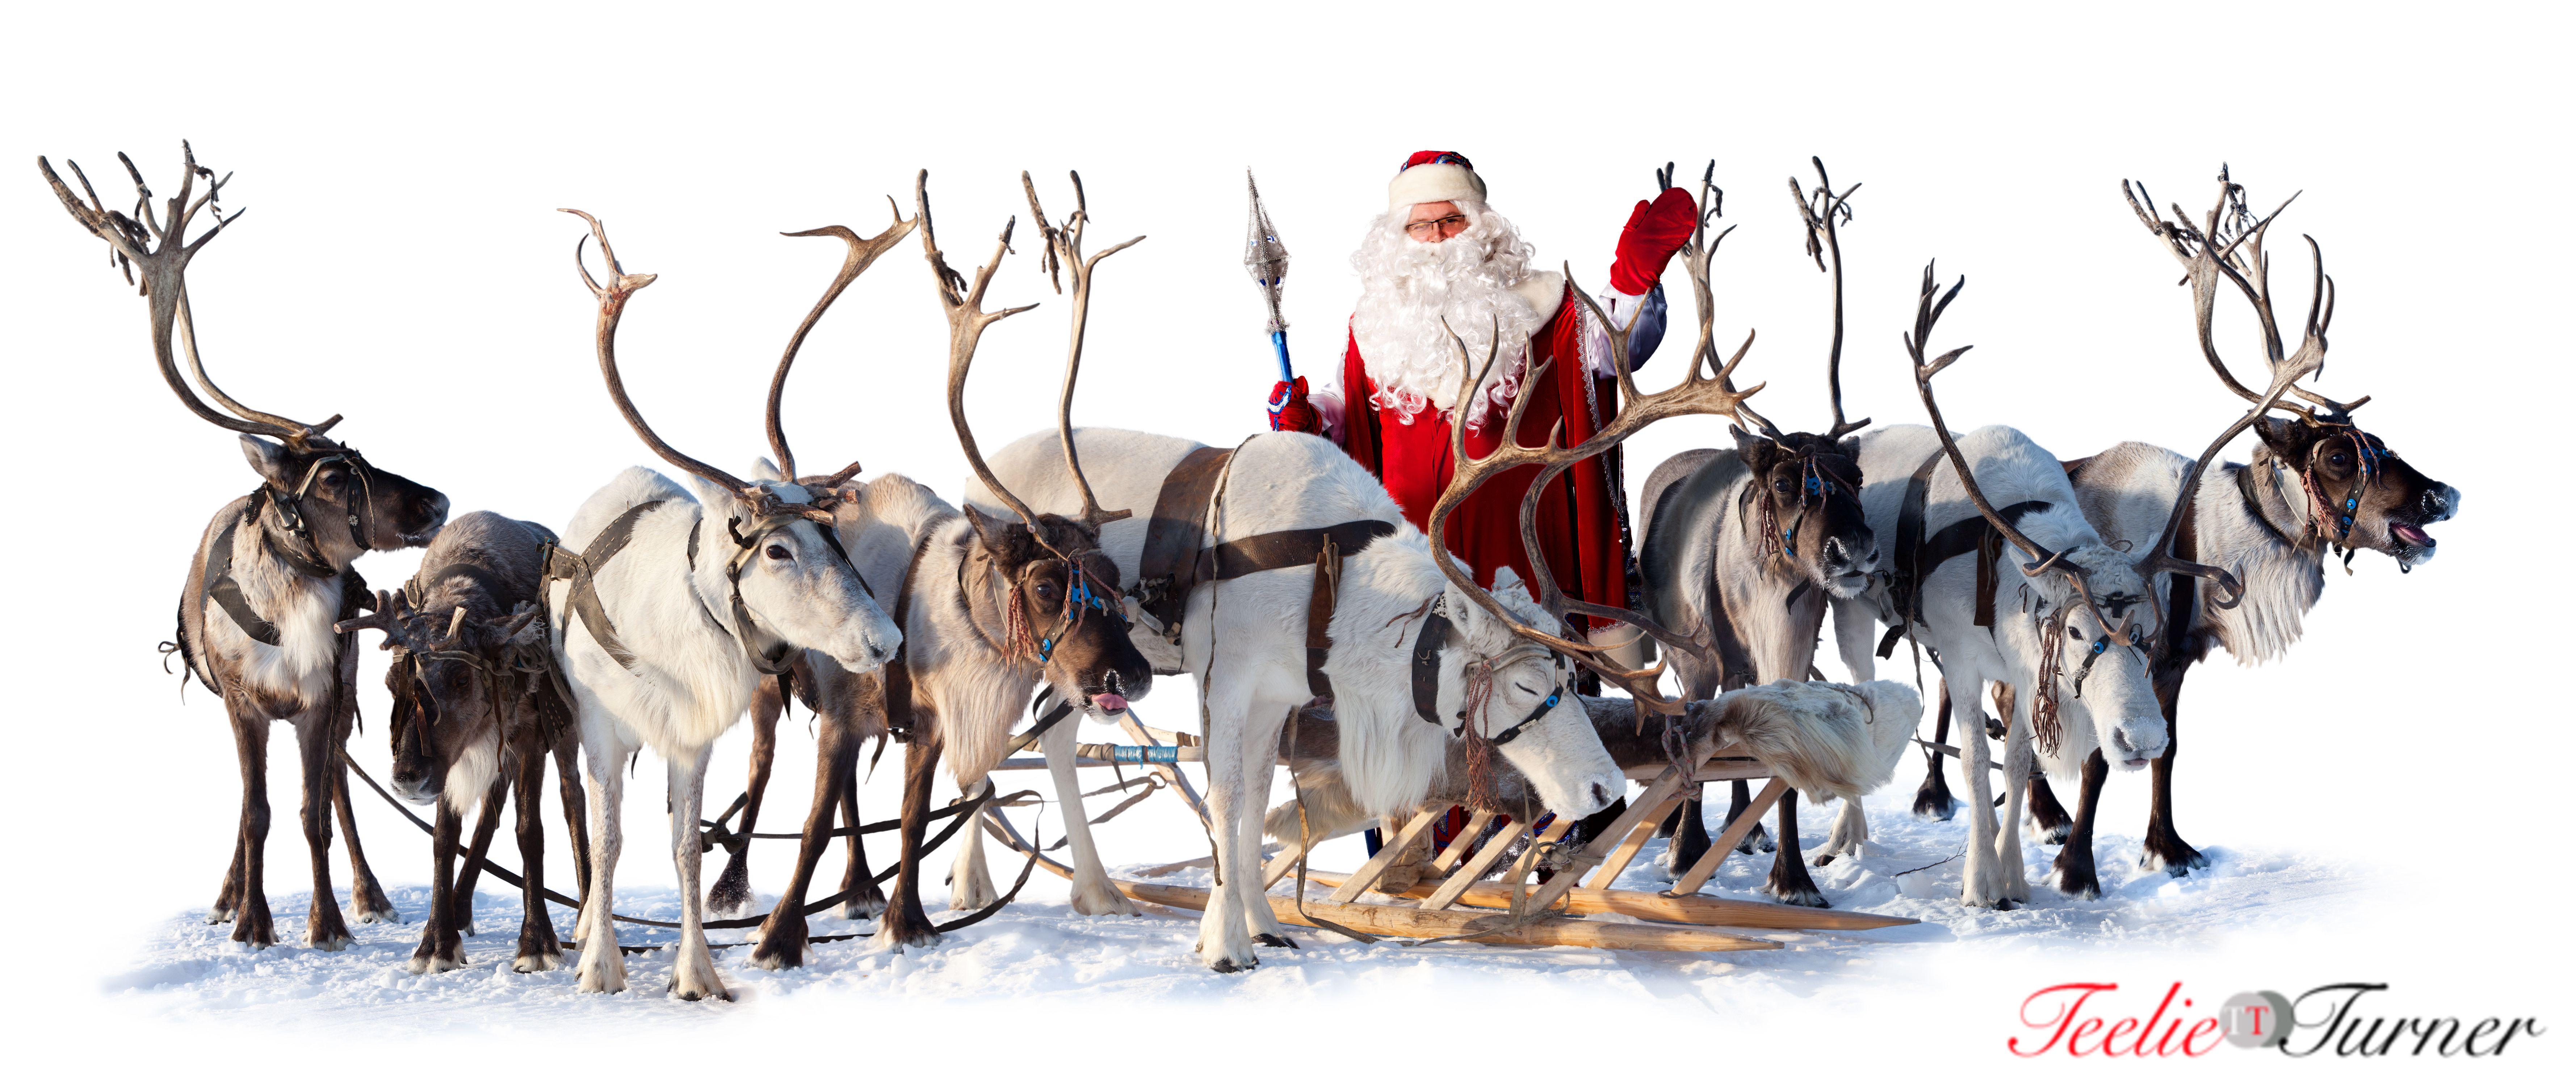 Santa Claus Reindeer Sleigh Www Teelieturner Com Christmas Santa Claus Photos Reindeer And Sleigh Santa